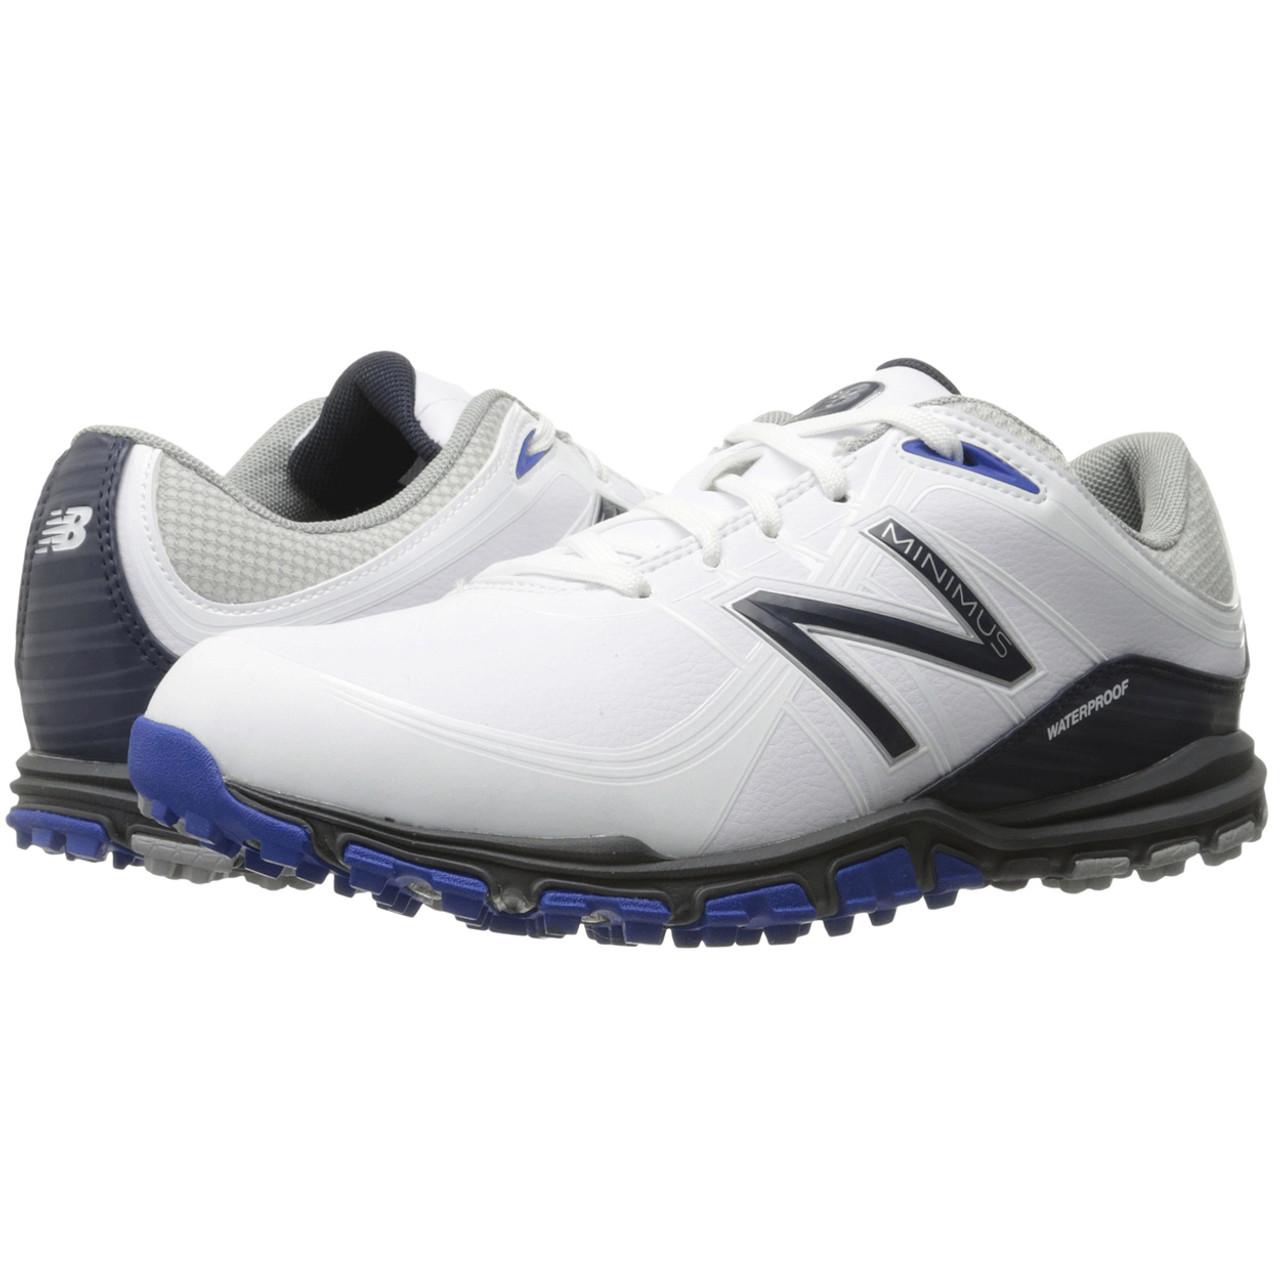 ee726df26355c New Balance NBG1005 Minimus Spikeless Men's Golf Shoe - GolfEtail.com